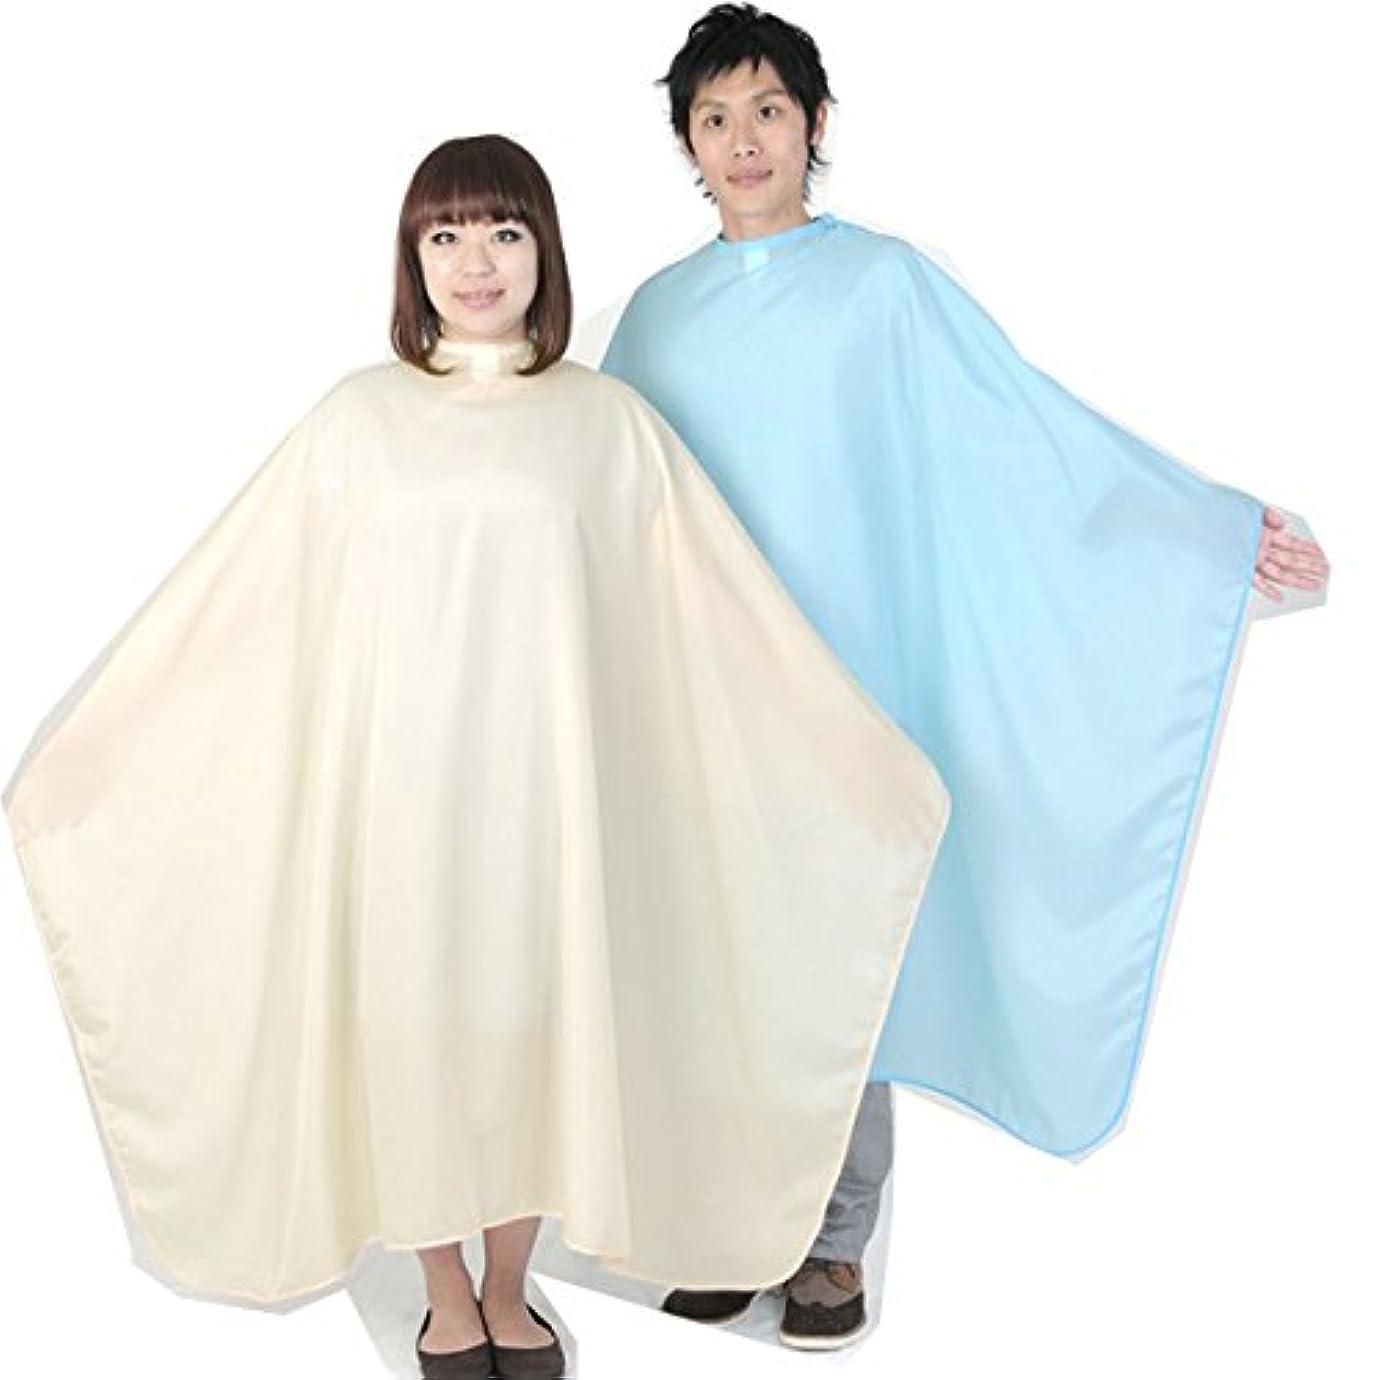 受ける脅かす効果エクセル No.3112 ビッグ刈布 袖無し カット専用 ポリエステル100% 日本製 カットクロス?散髪ケープ?散髪クロス (ベージュ)